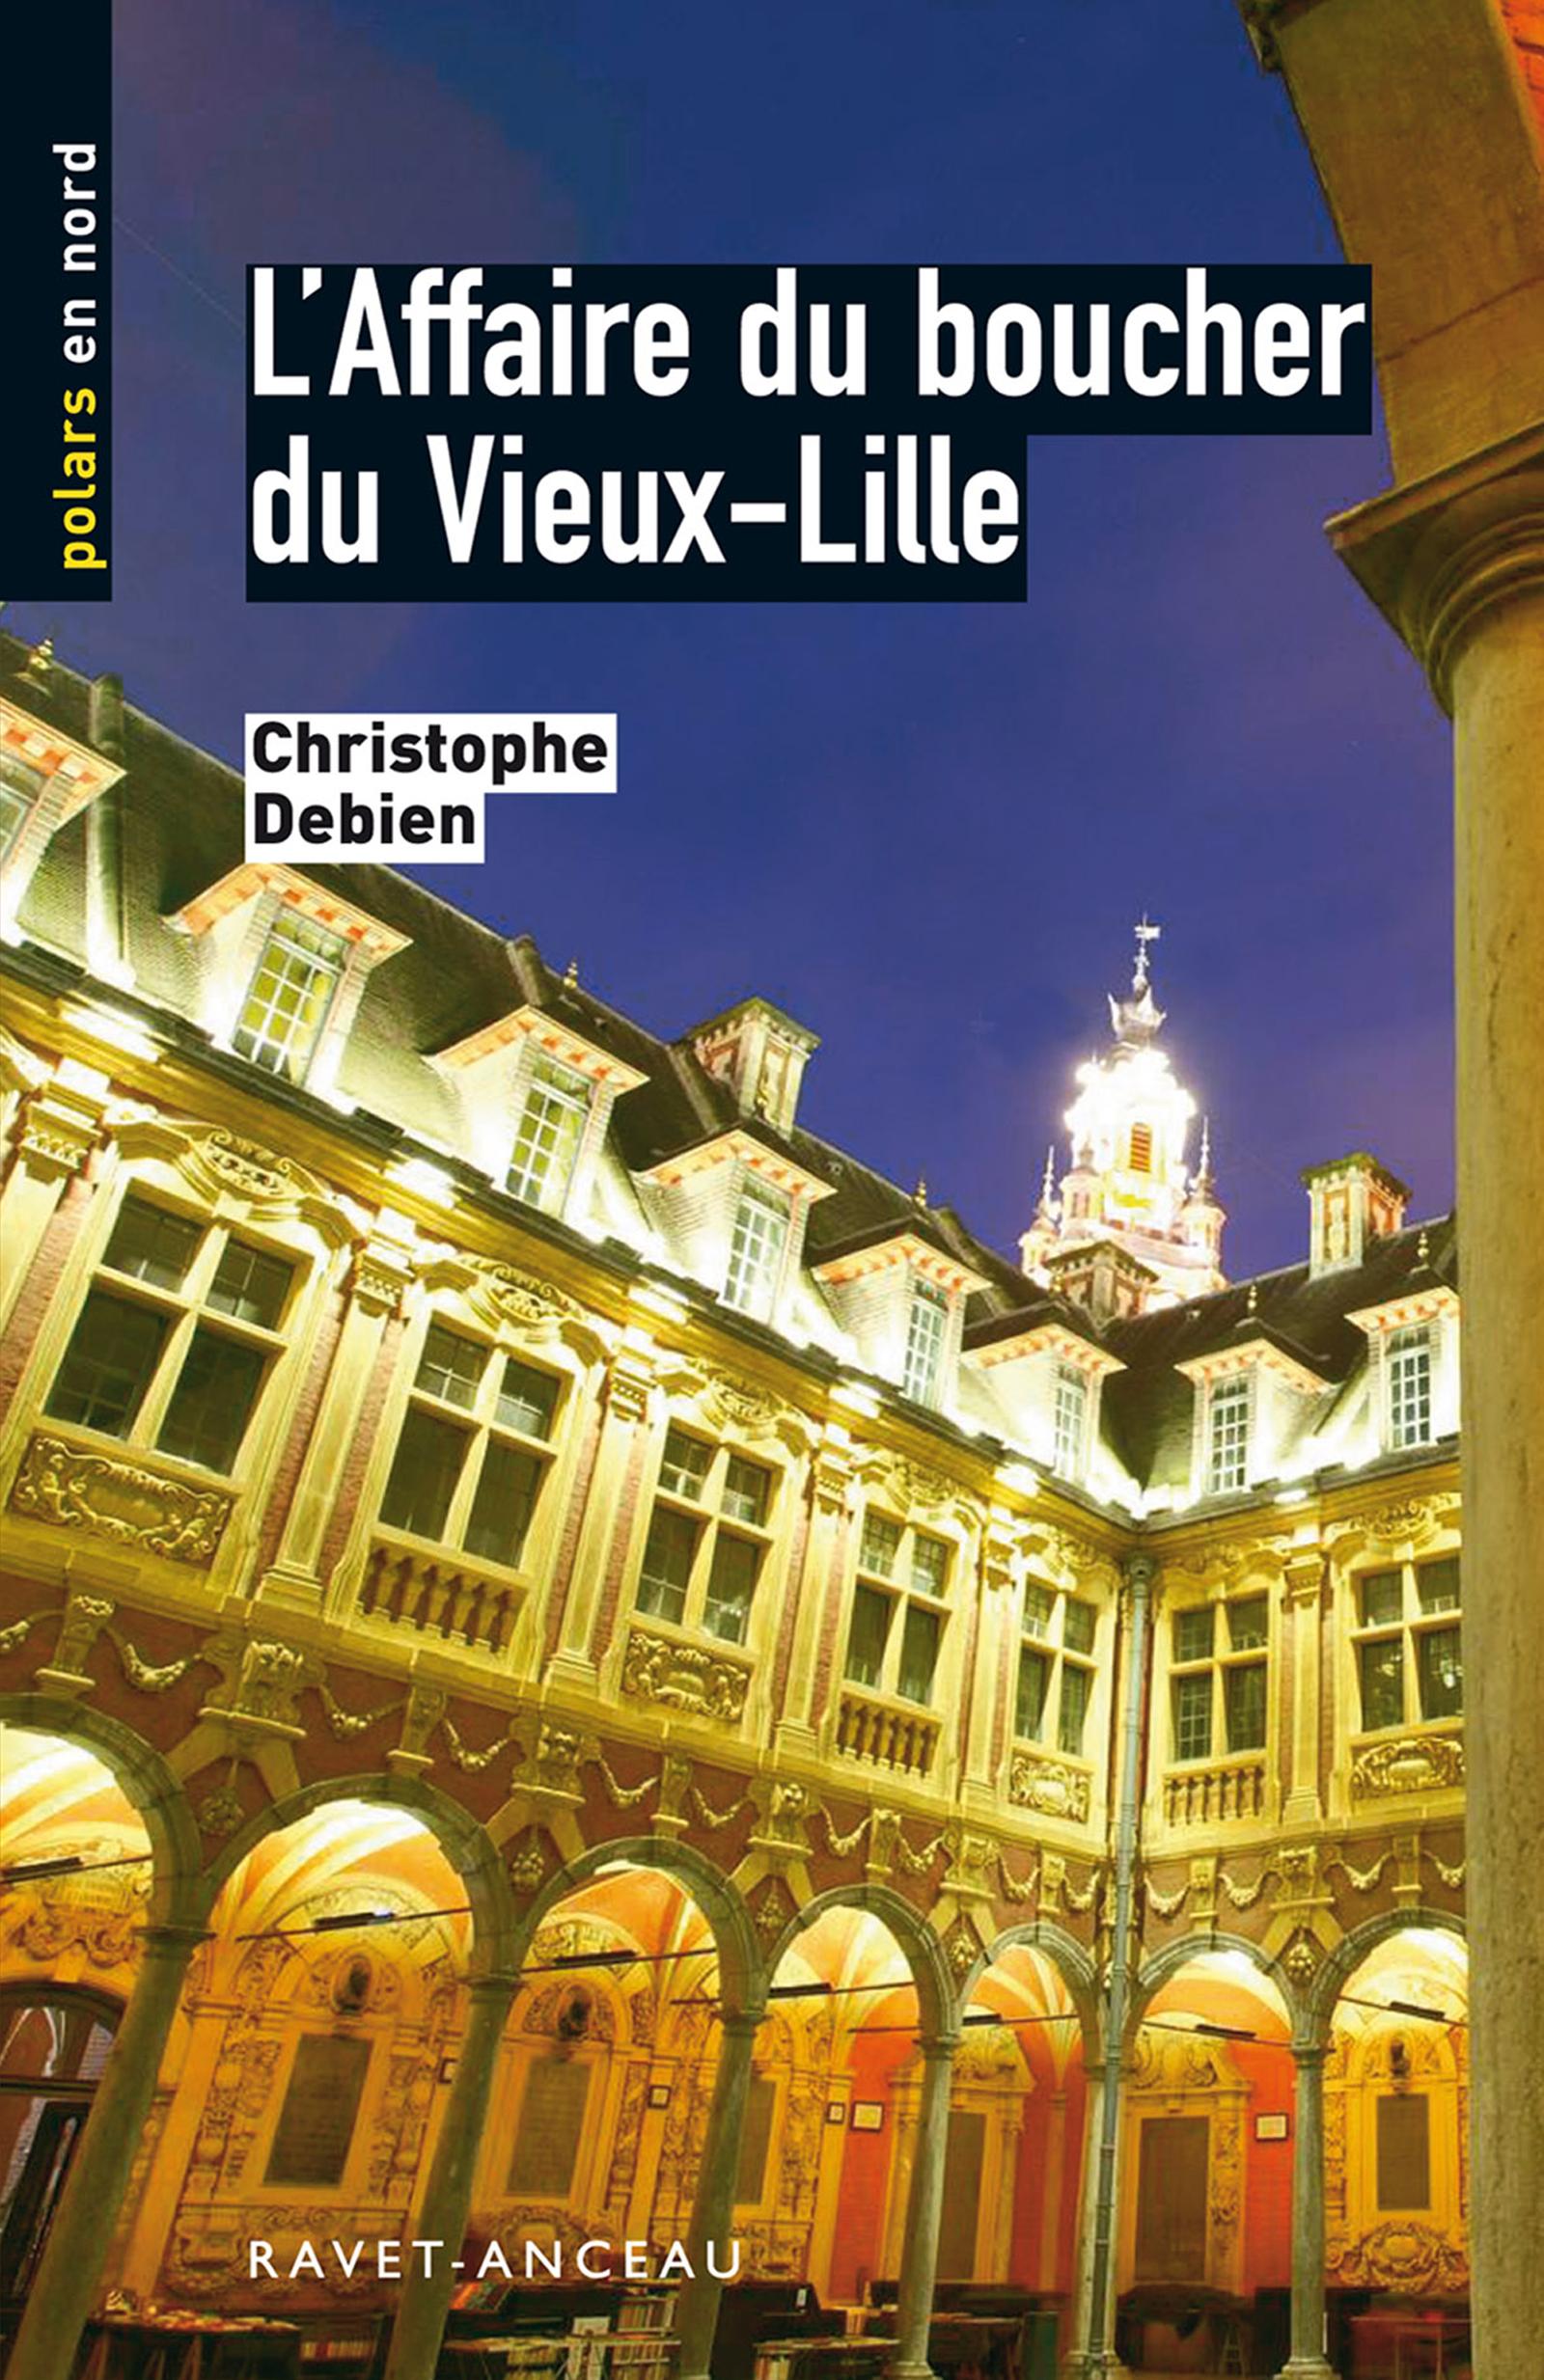 L'affaire du boucher du Vieux Lille